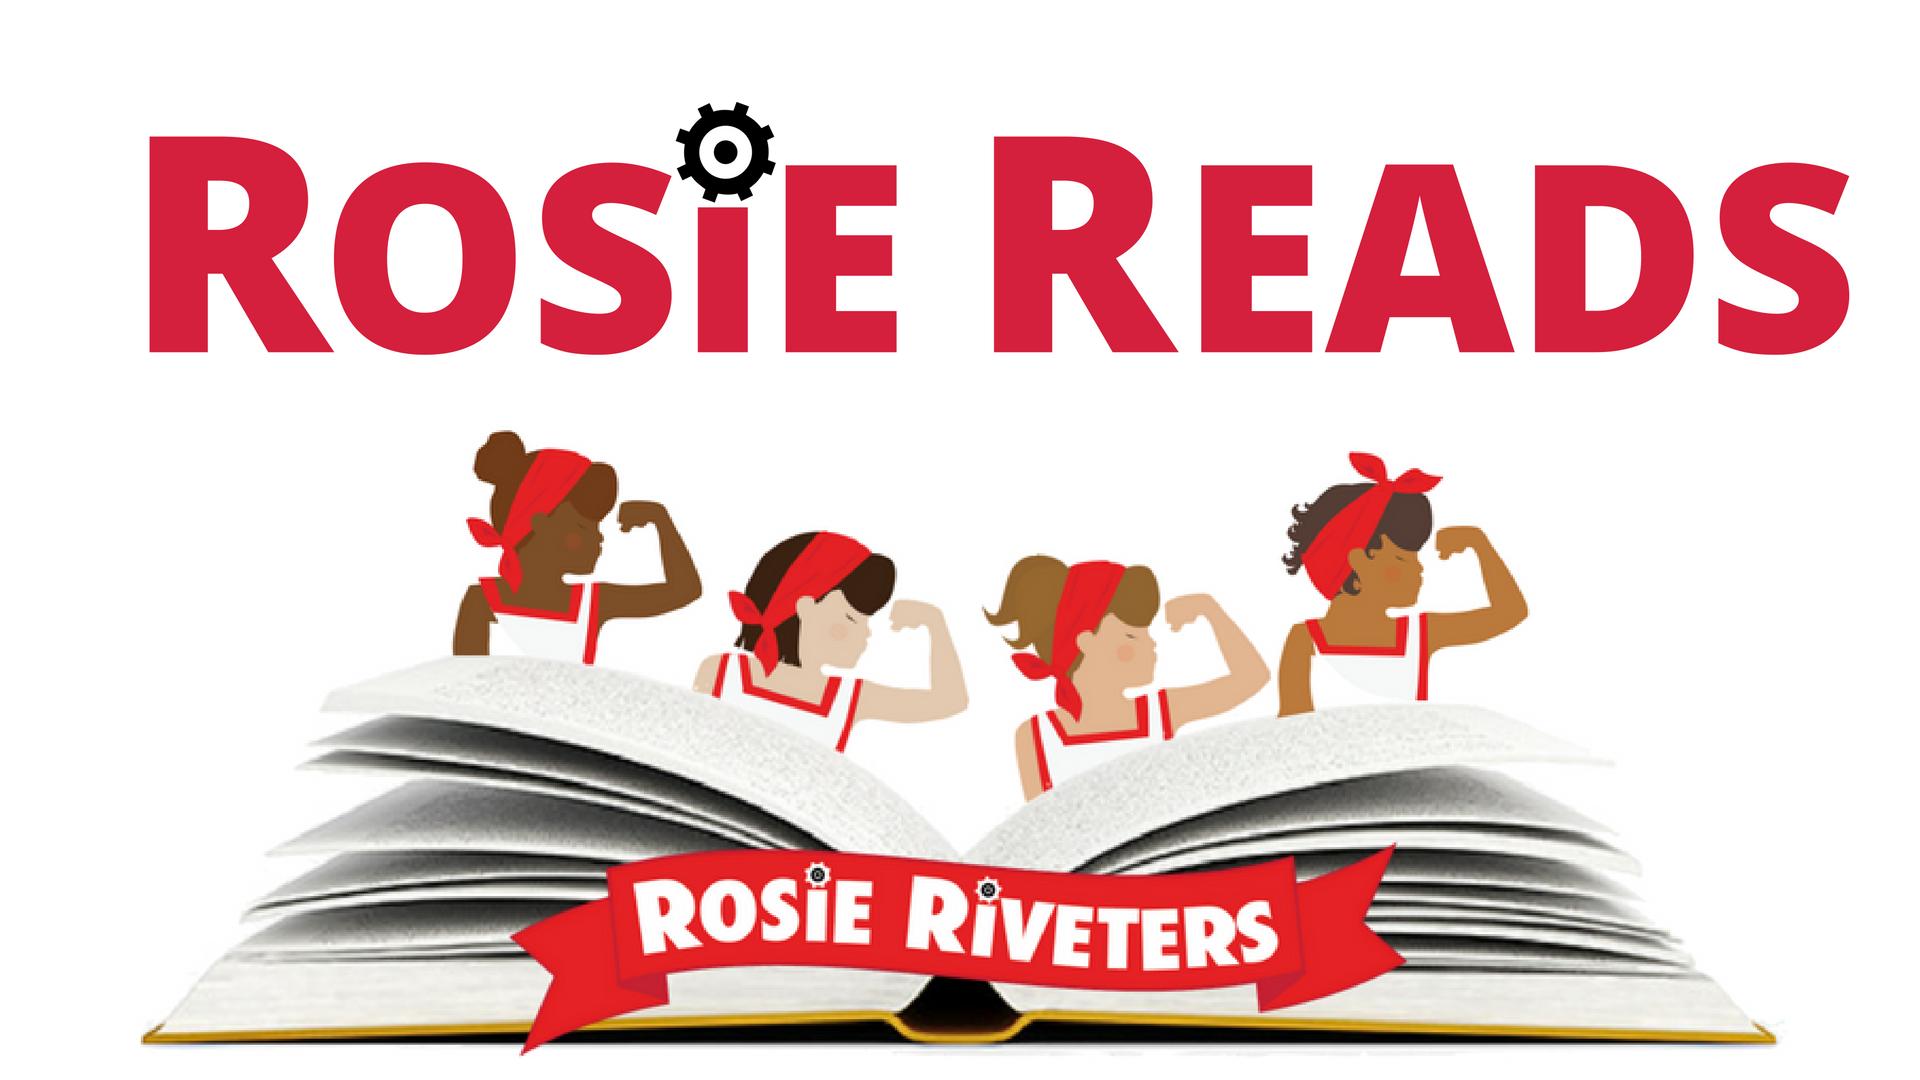 Rosie Reads